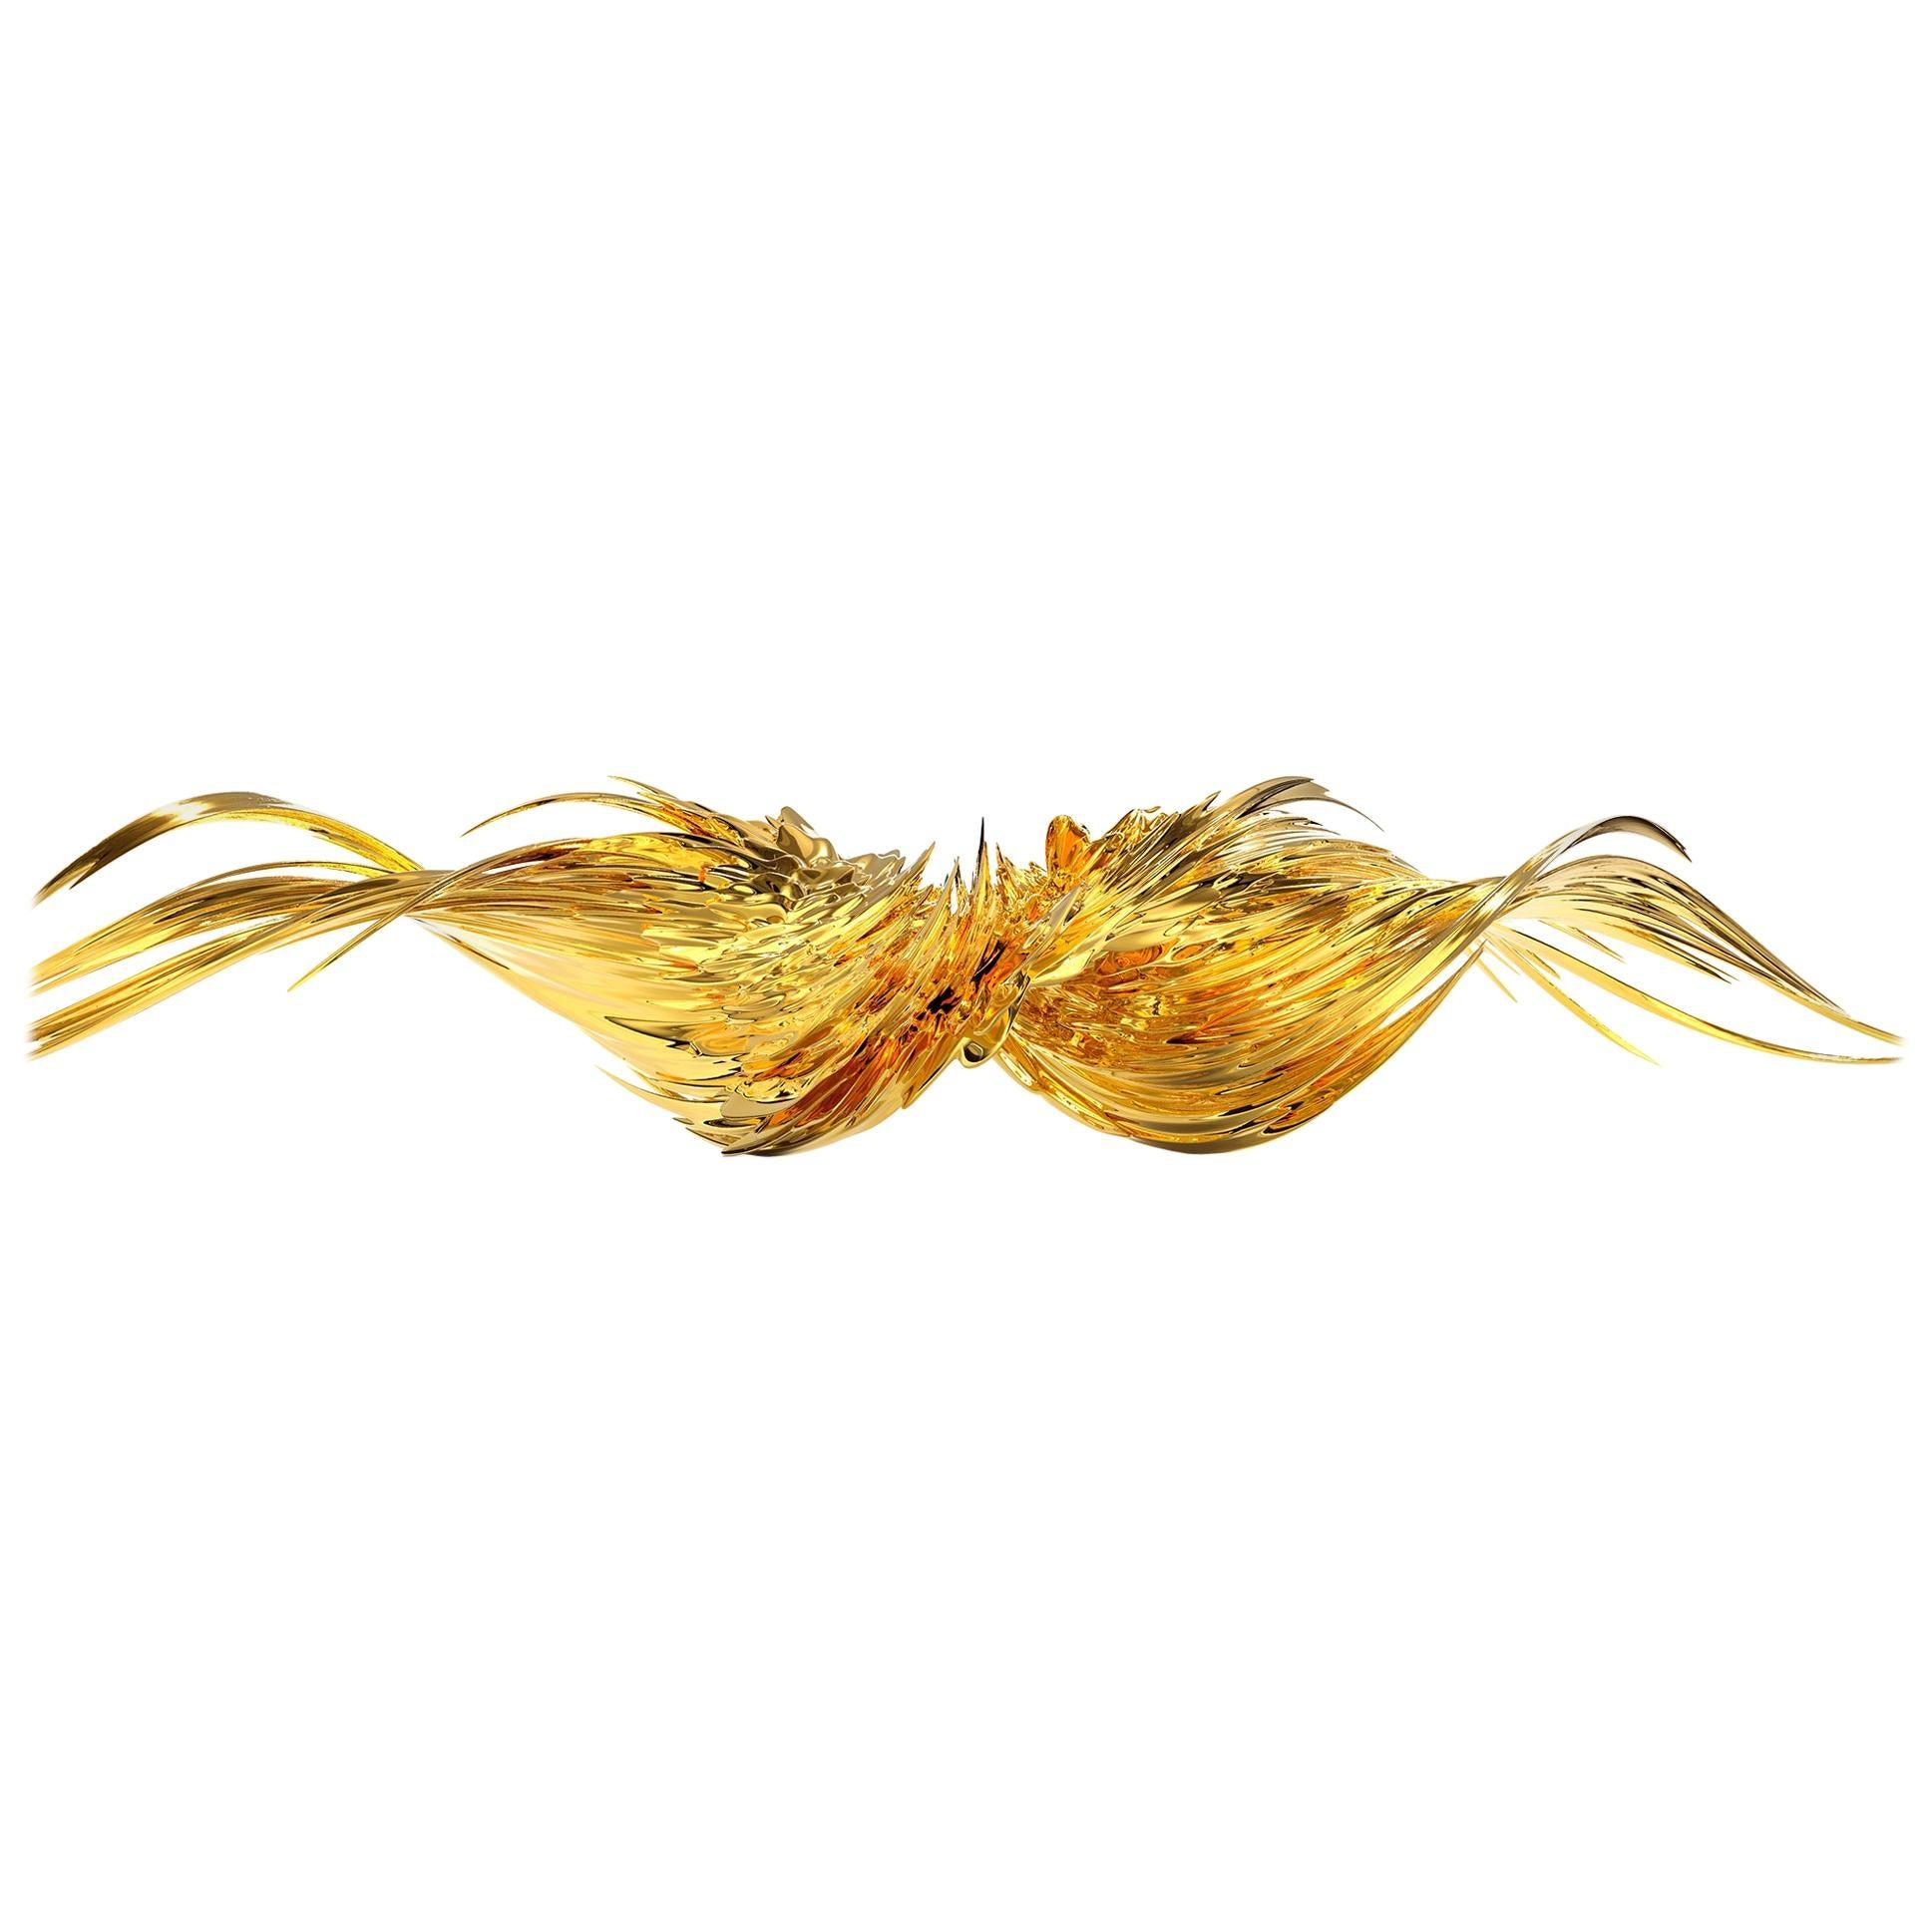 Infernum Abstract Golden Sculpture